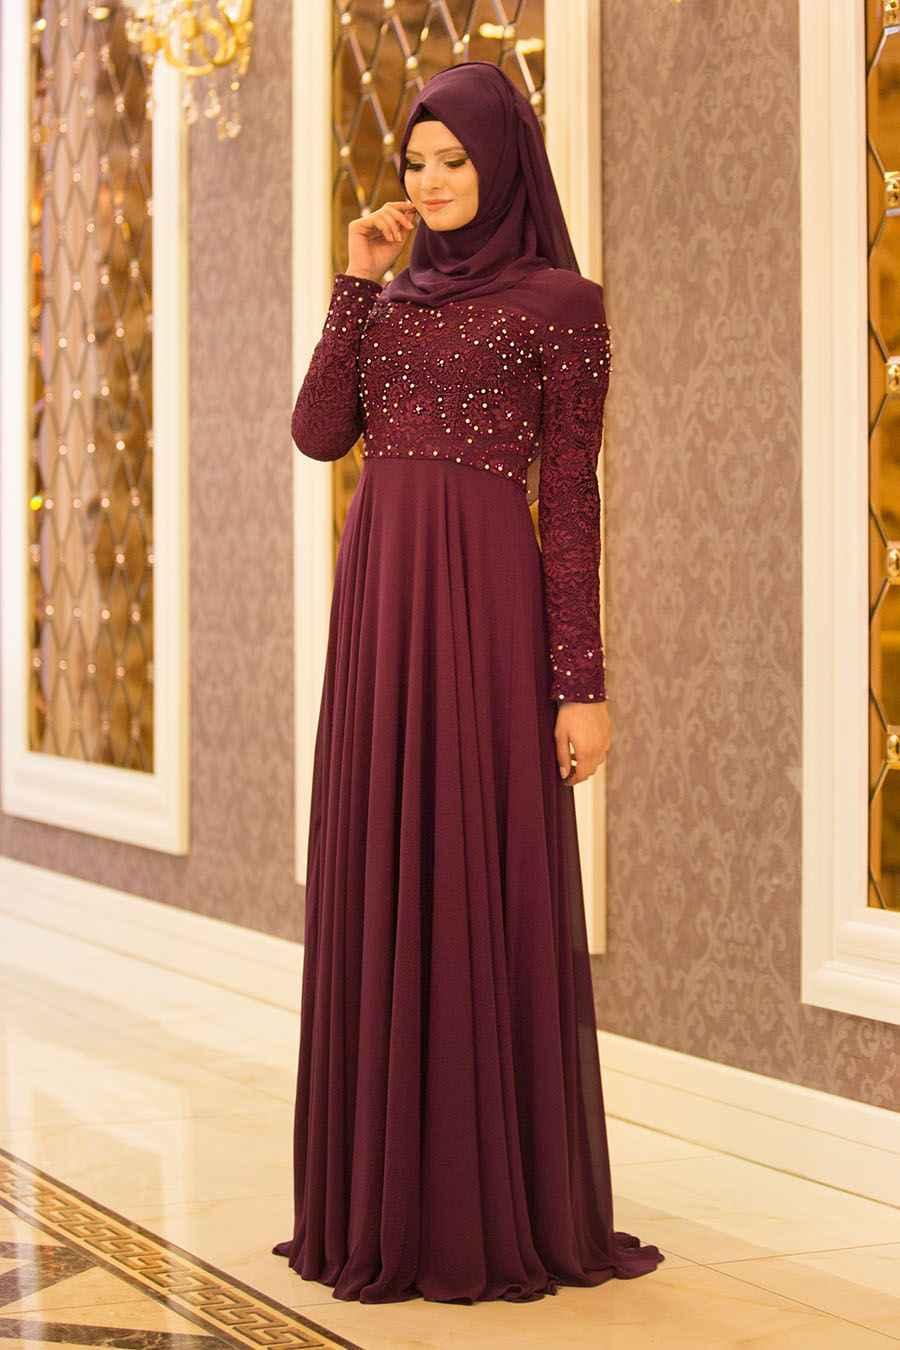 200e20b771b99 2019 Tesettür İsland Abiye Elbise Modelleri - Moda Tesettür Giyim